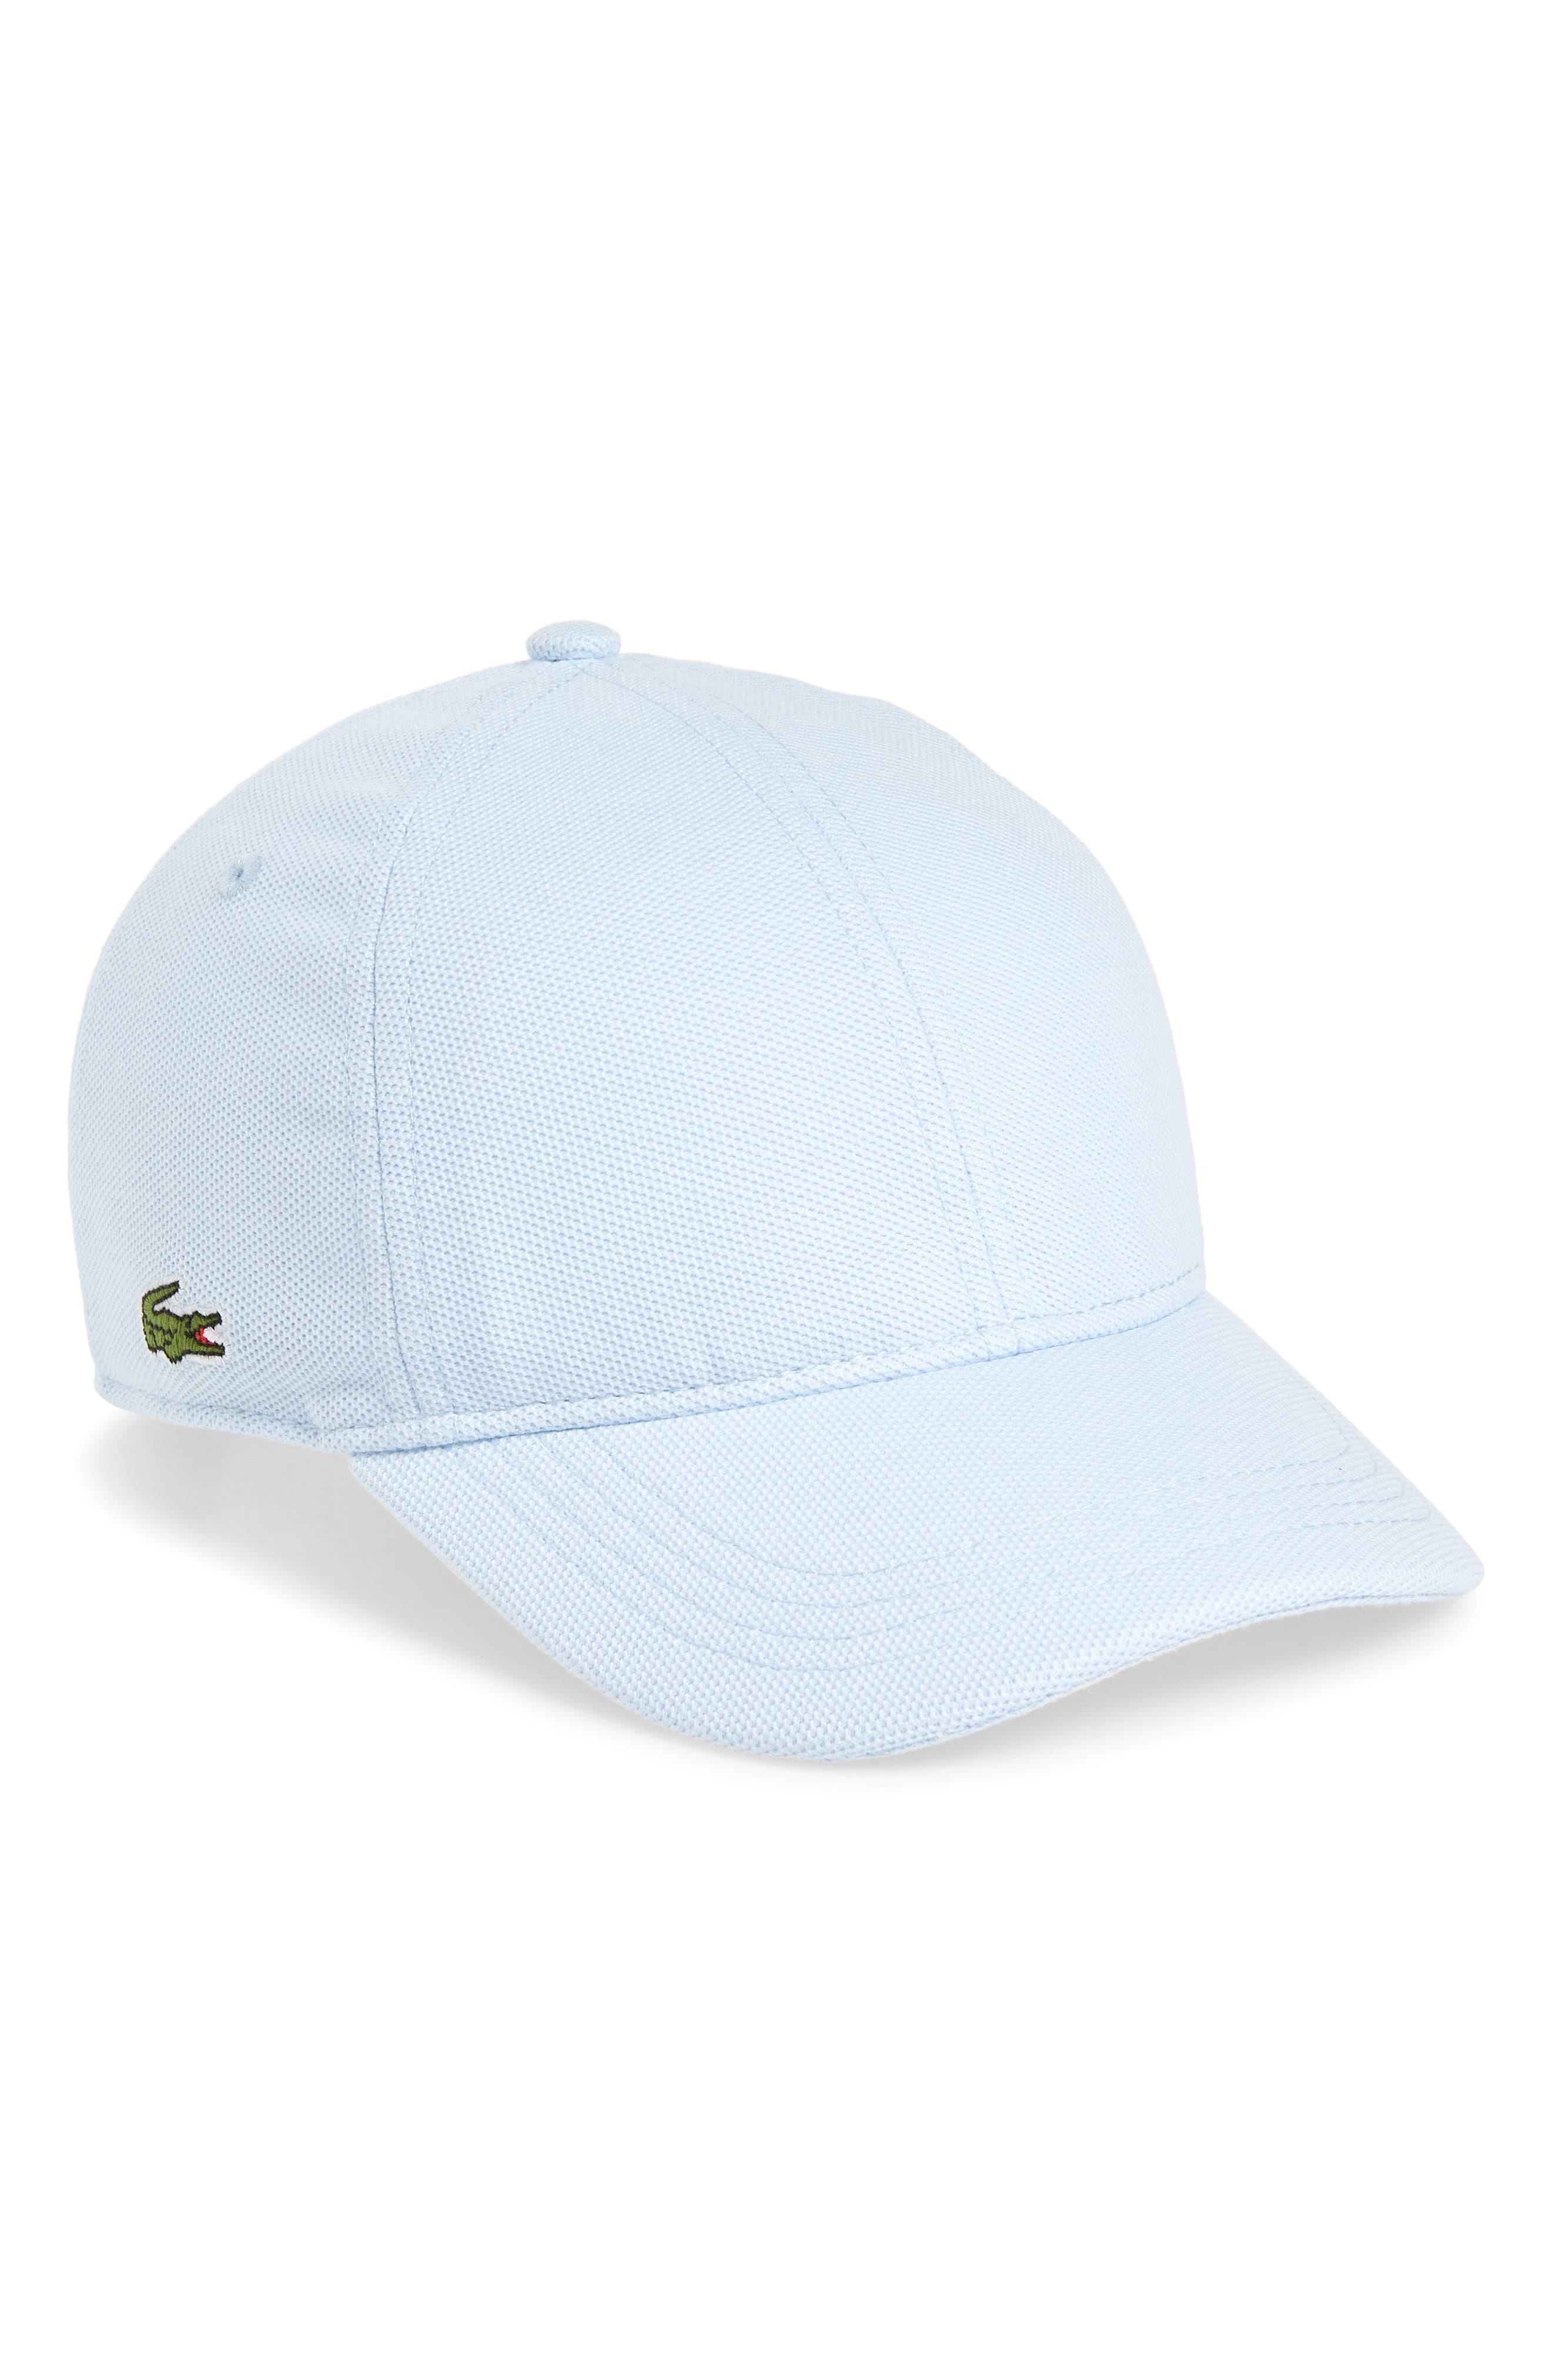 LACOSTE Croc Cotton Baseball Cap, Main, color, RILL